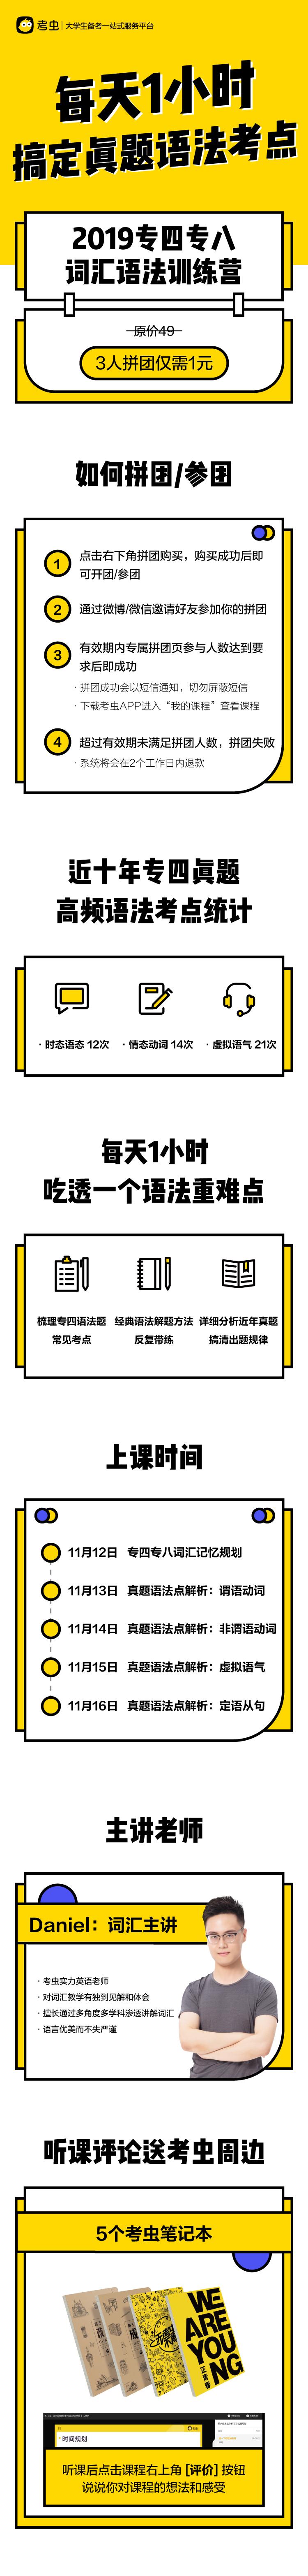 课程详情页-100.jpg